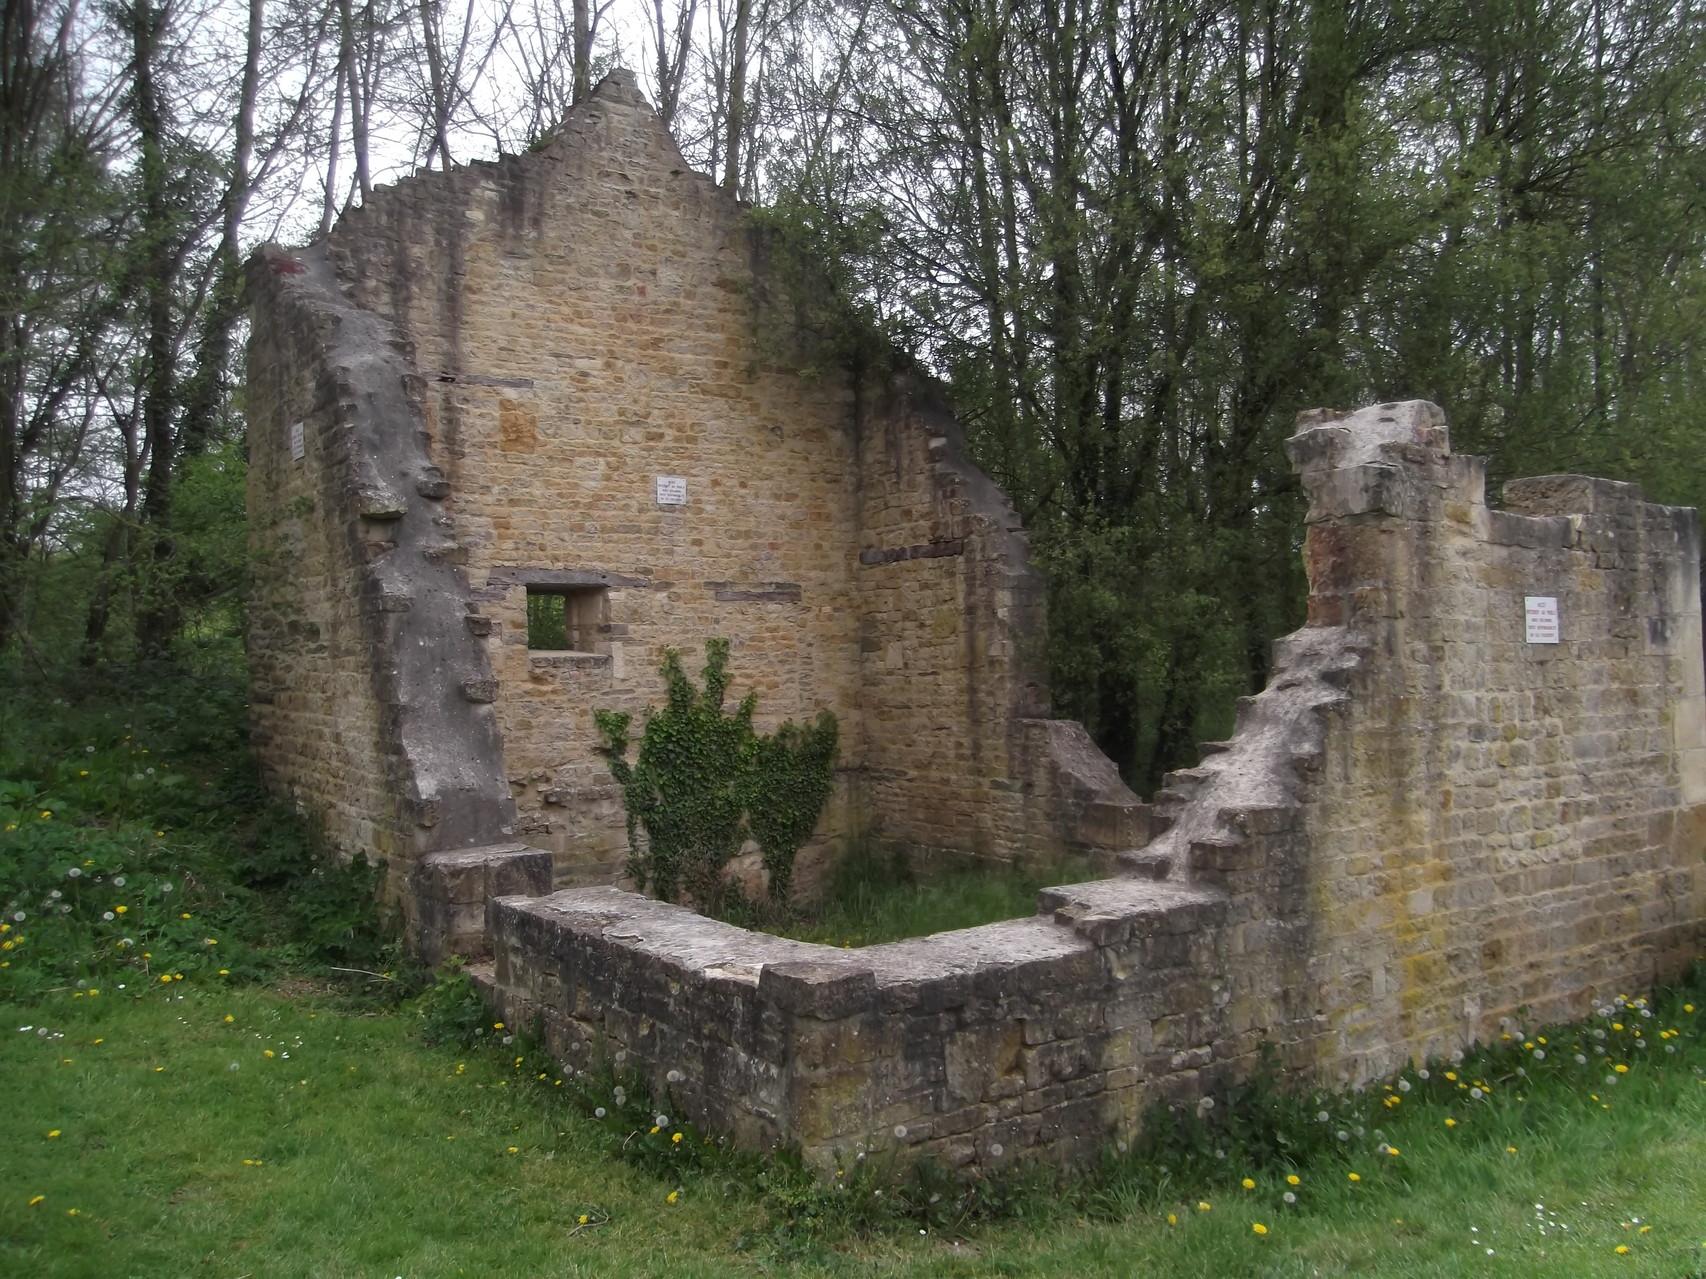 moulin d'Evrecy